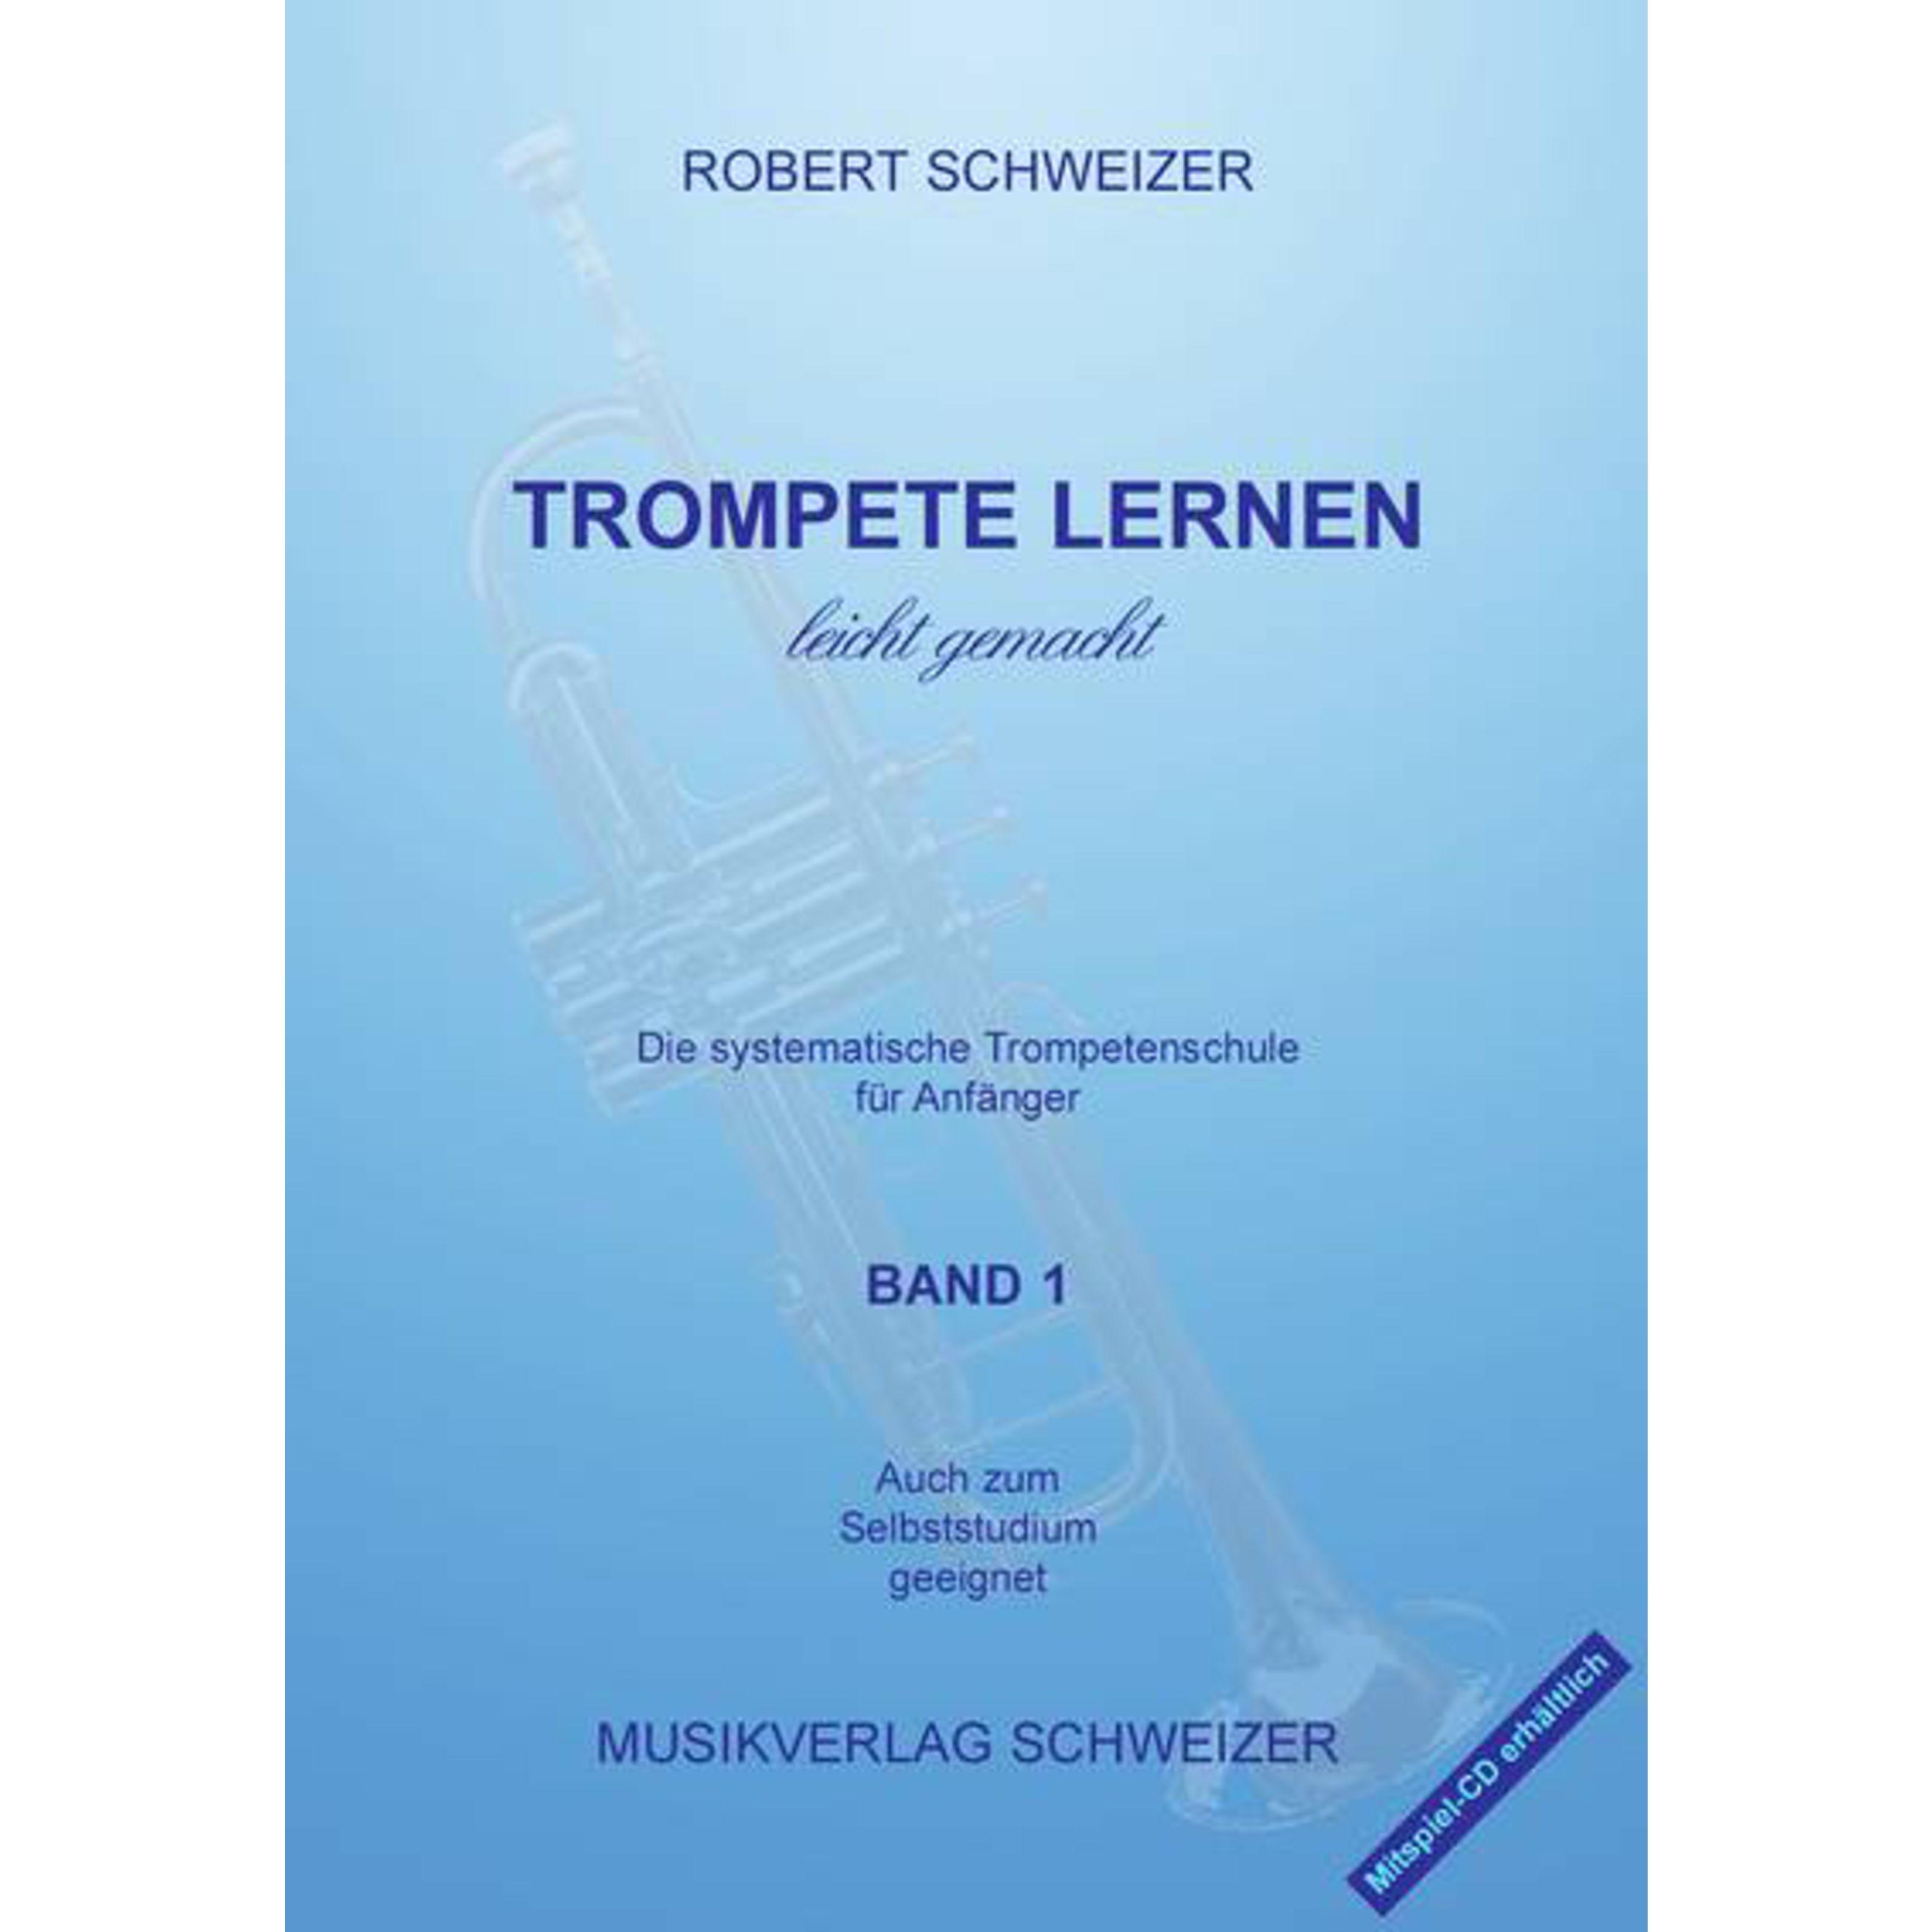 Musikverlag Schweizer - Trompete lernen 1 Robert Schweizer Schweizer 351